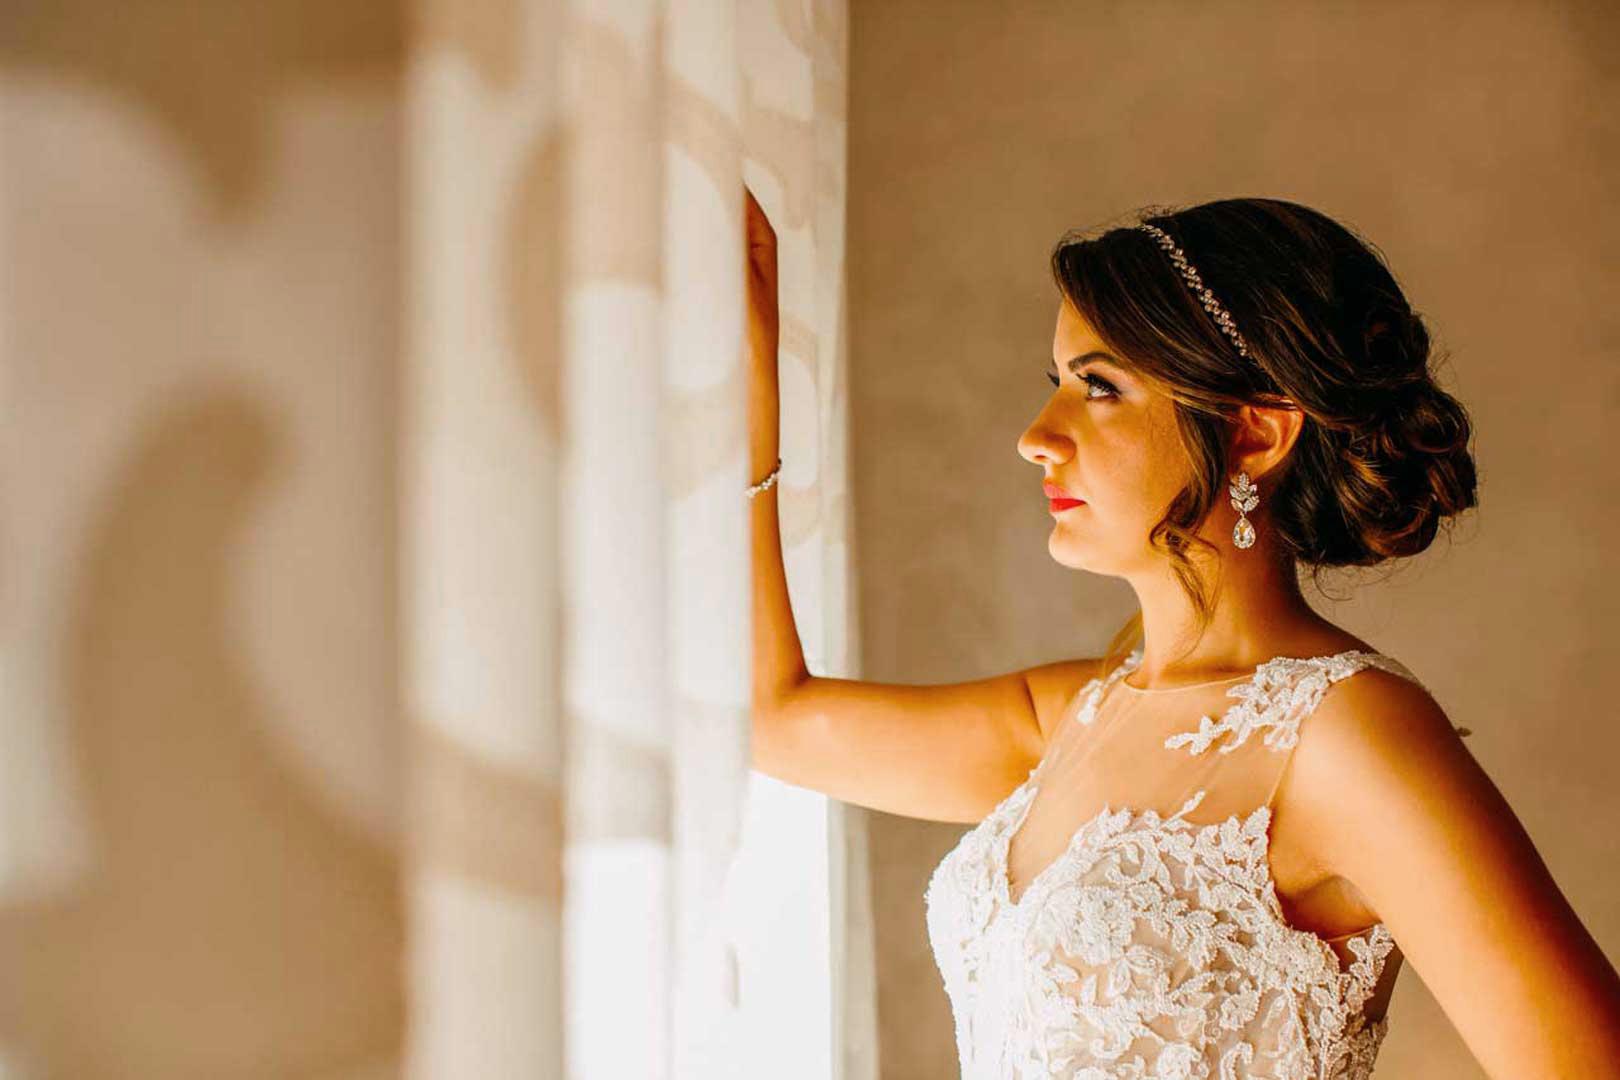 008-sposa-wedding-gianni-lepore-foto